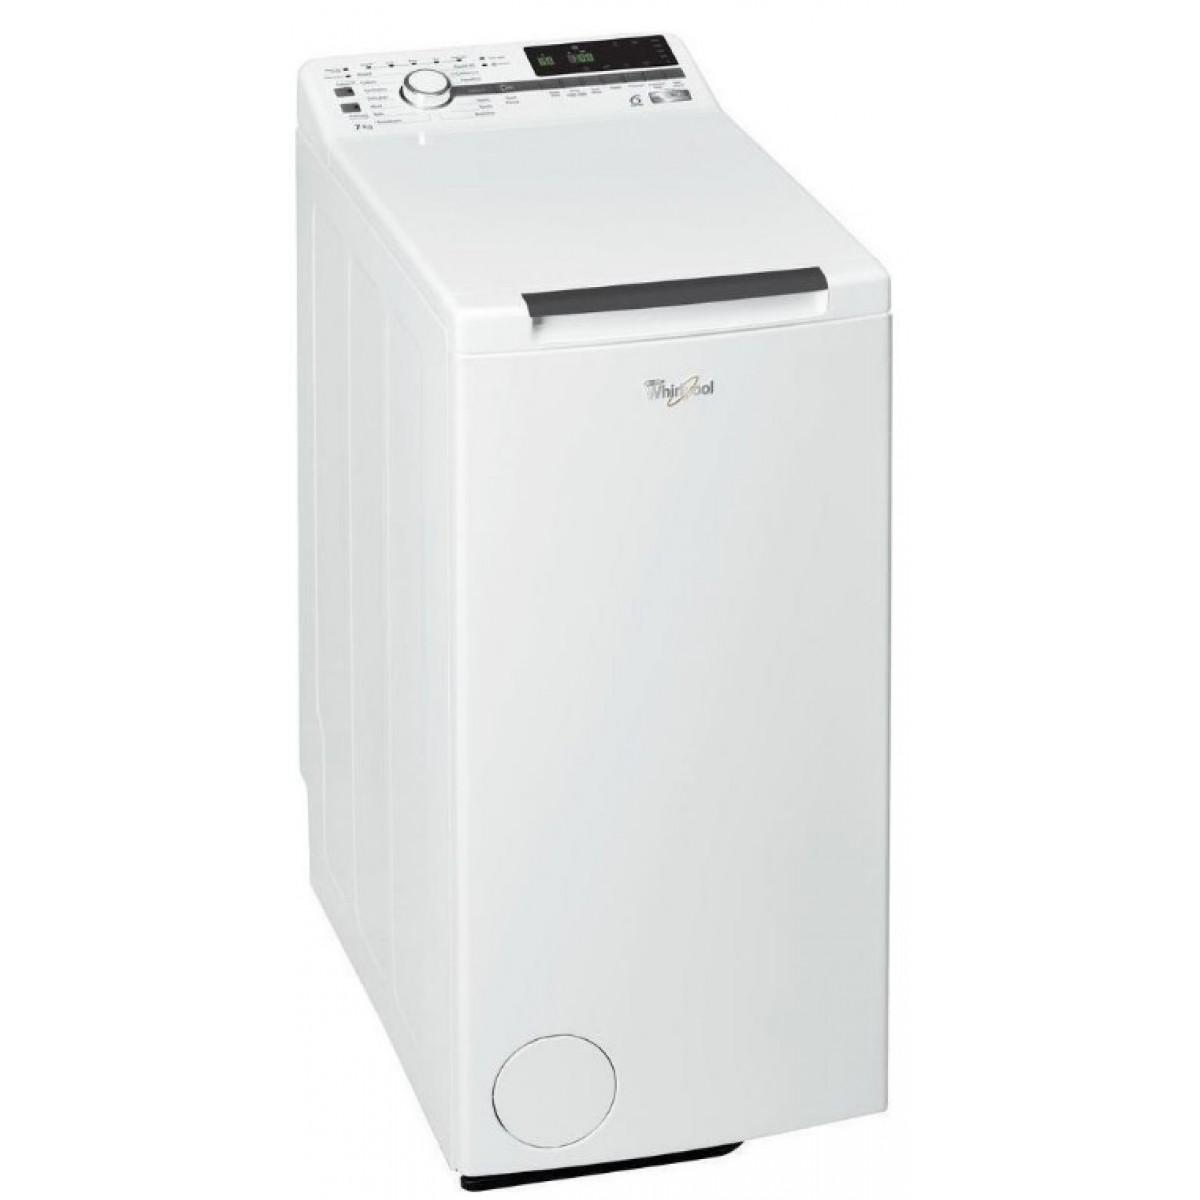 Πλυντηρια Ρουχων - Whirlpool Πλυντήριο ρούχων άνω φόρτωσης TDLR70230 Zen  Πλυντήρια ρούχων Ηλεκτρικες Συσκευες - homeelectrics.gr